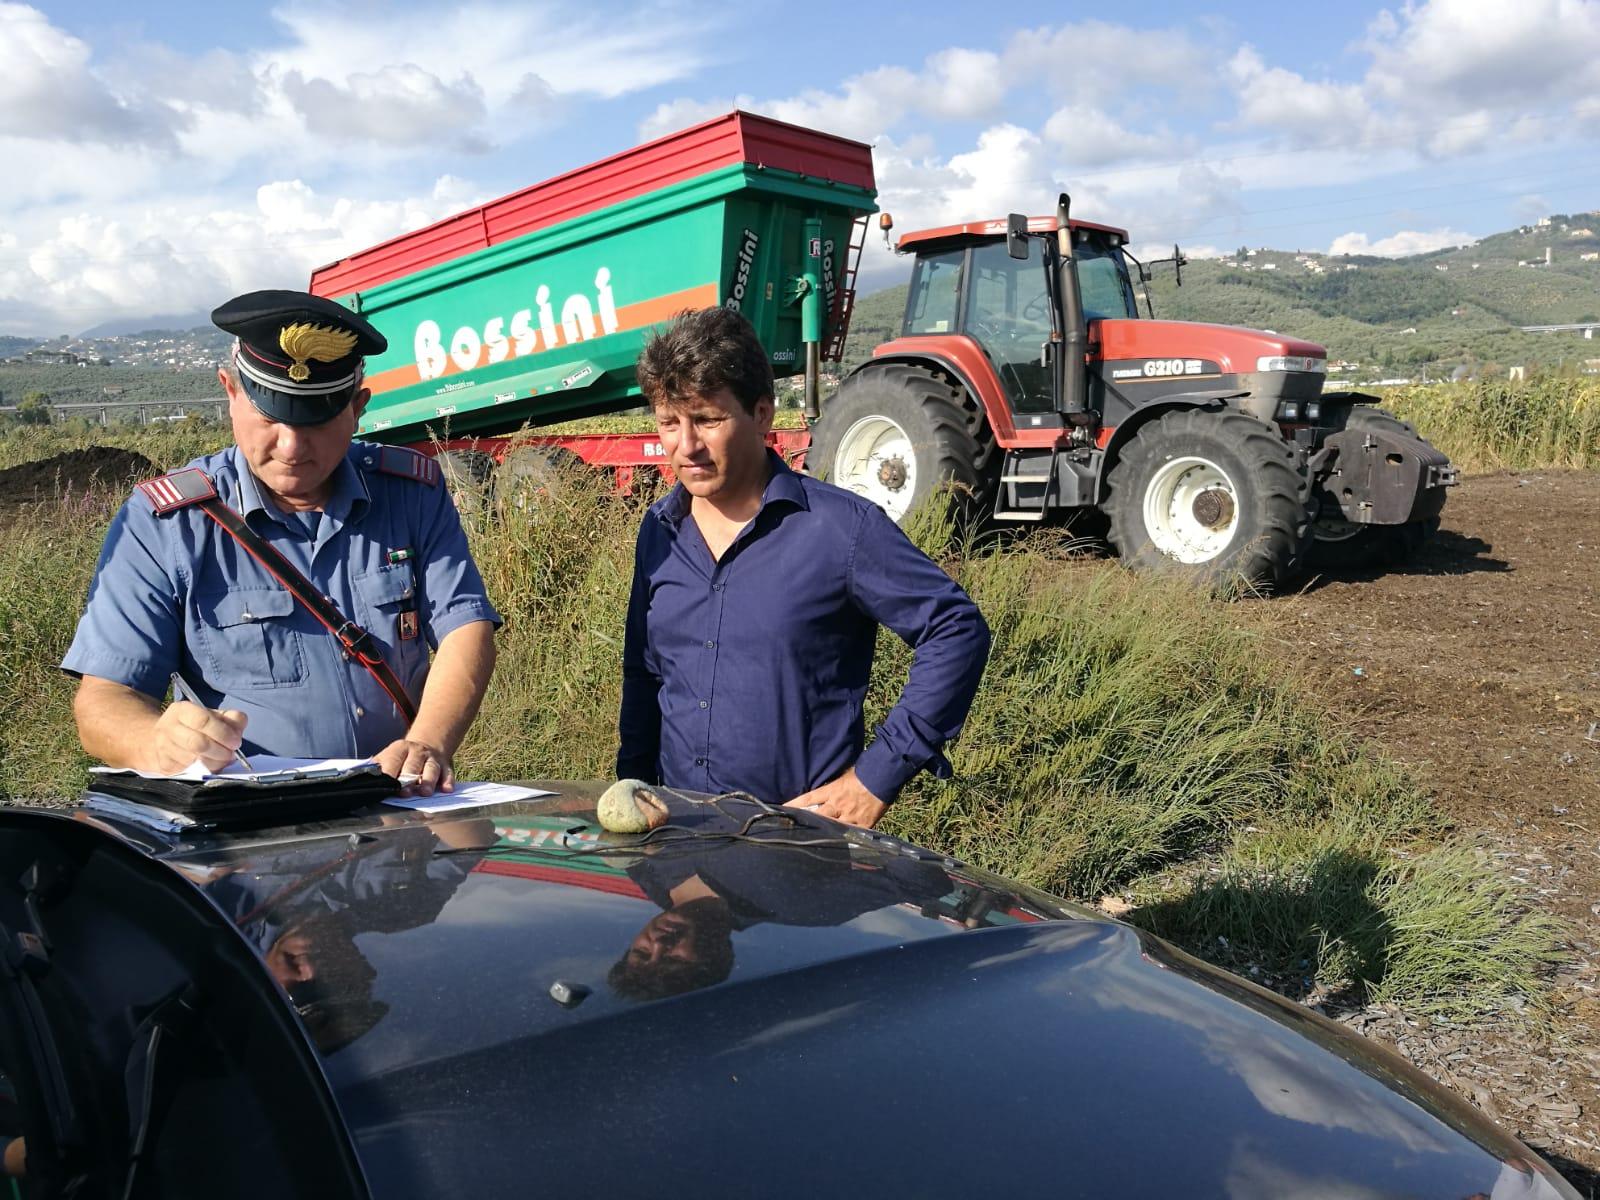 Torba in fiamme e danno ambientale, il senatore Ferrara chiama i Carabinieri e fa esposto: trovati cumuli di pattume